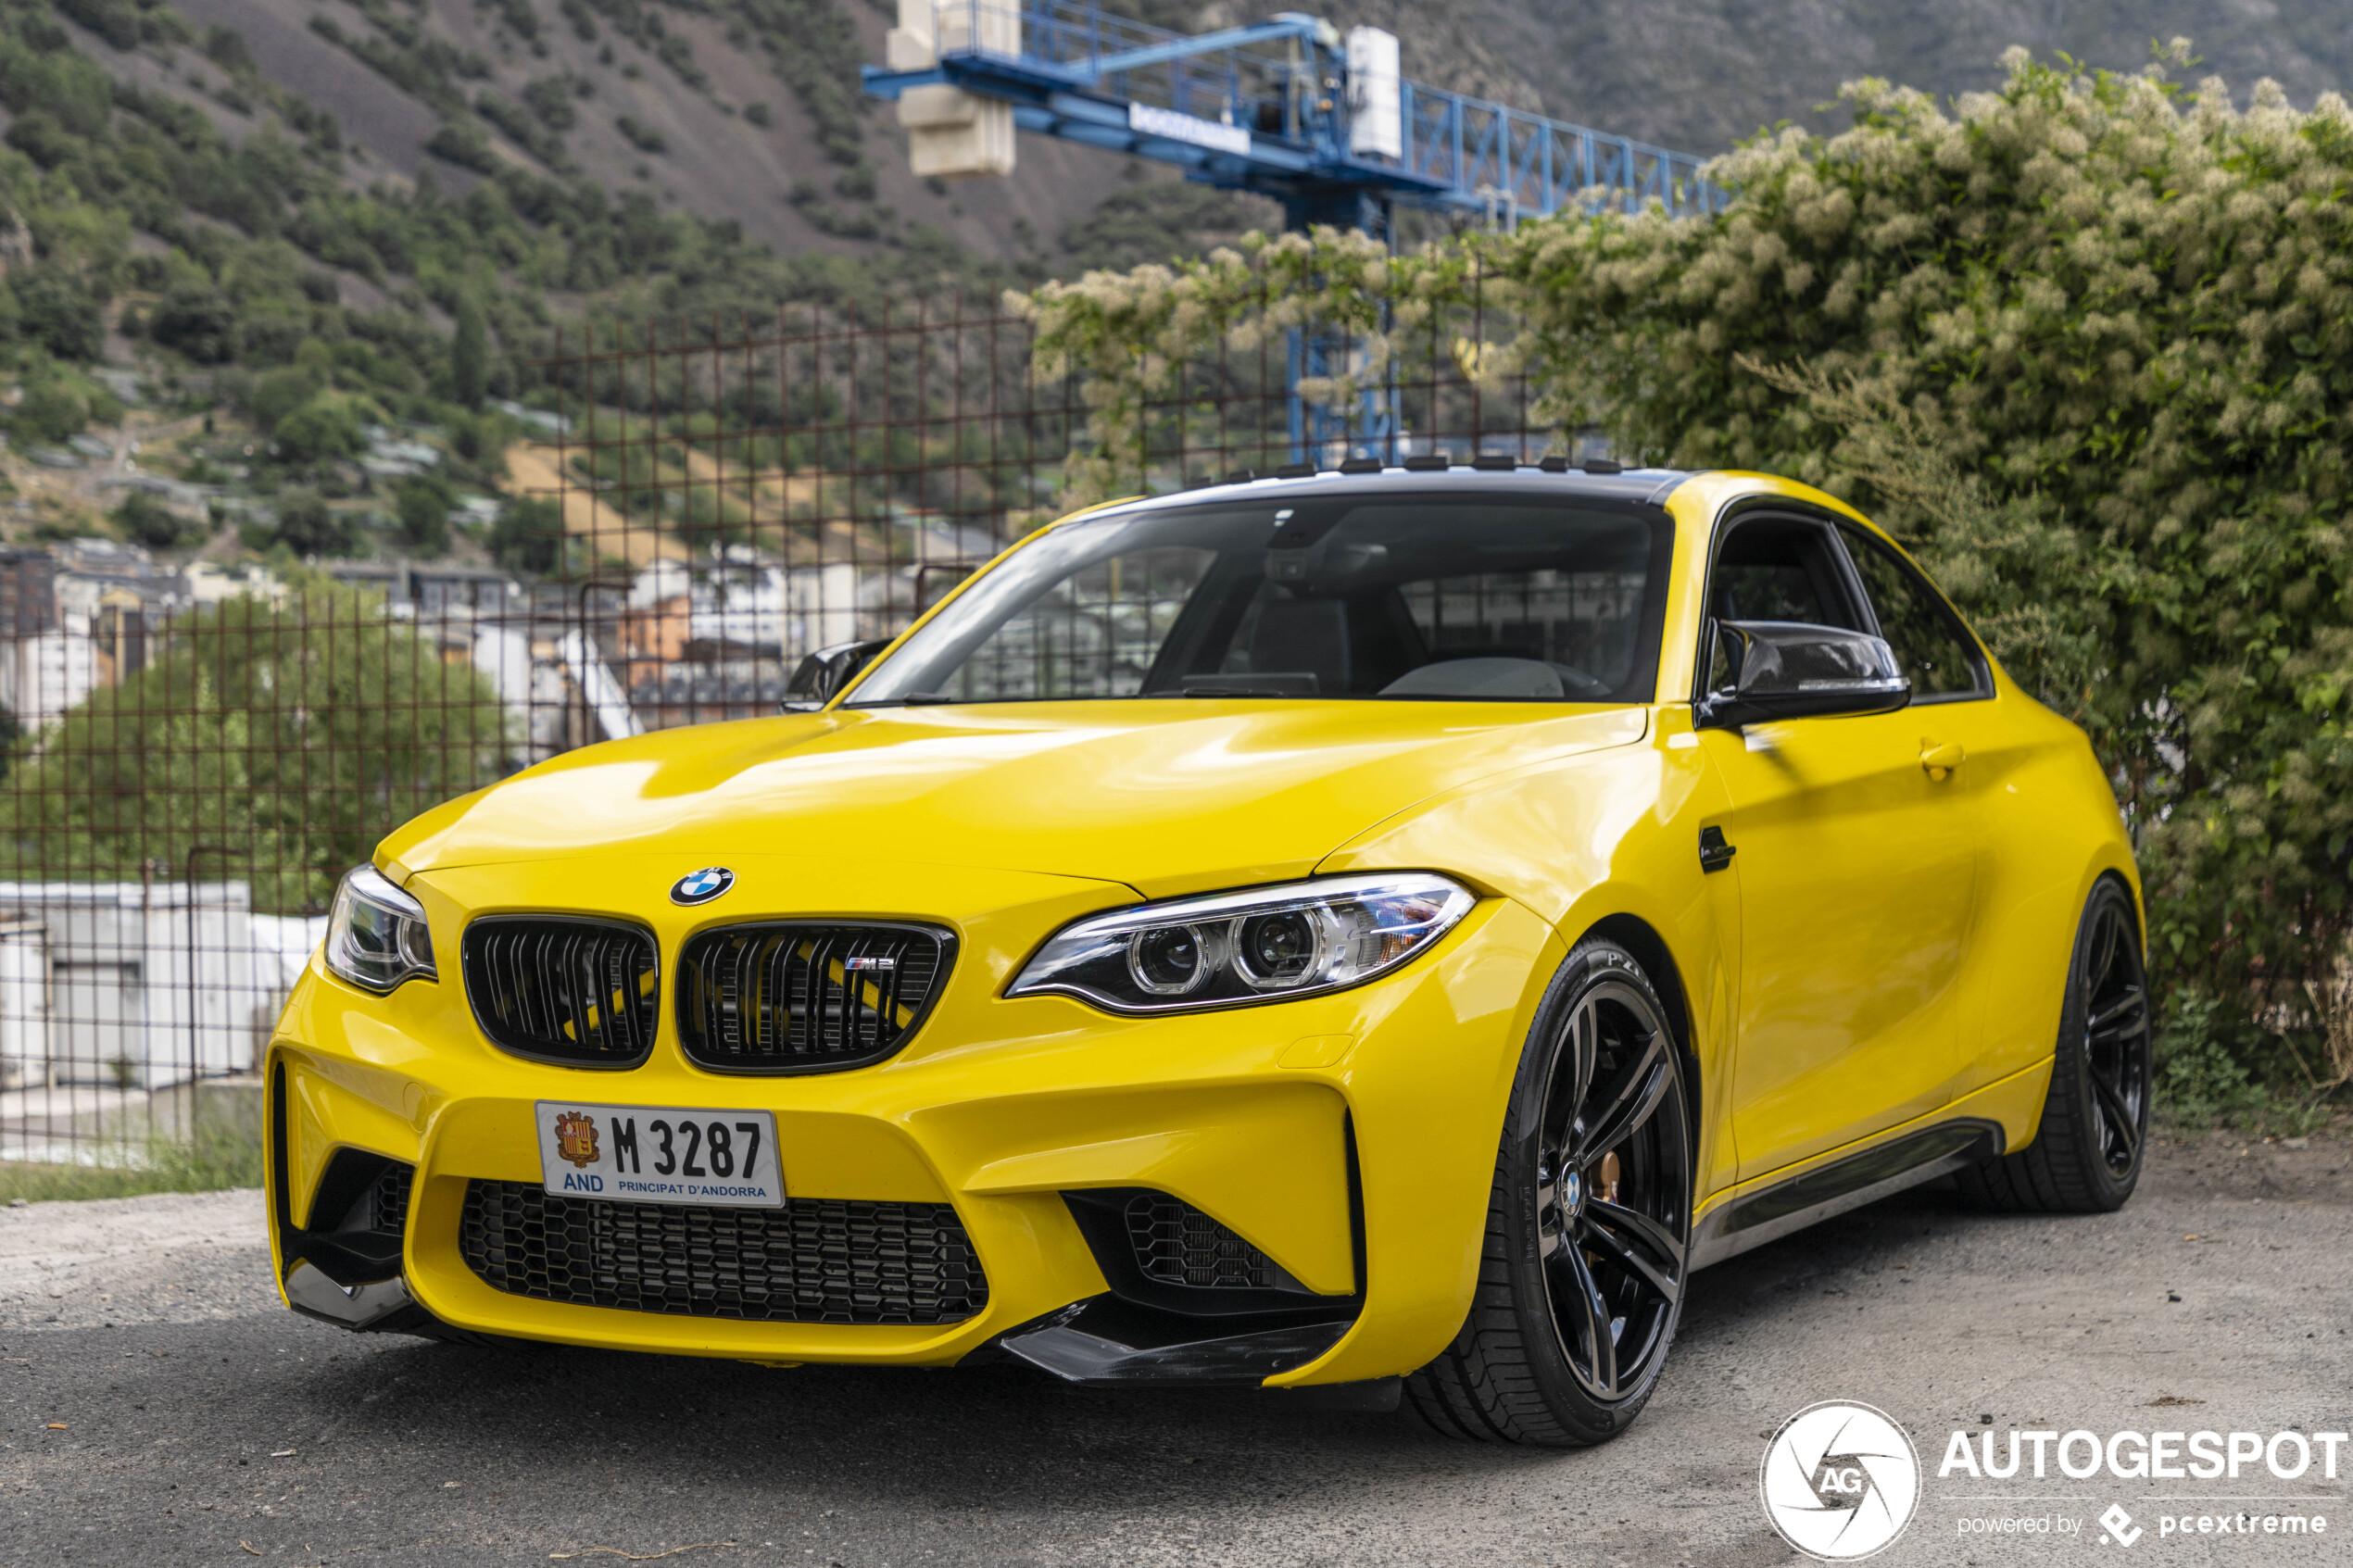 Gele BMW M2 is heel erg gaaf geworden